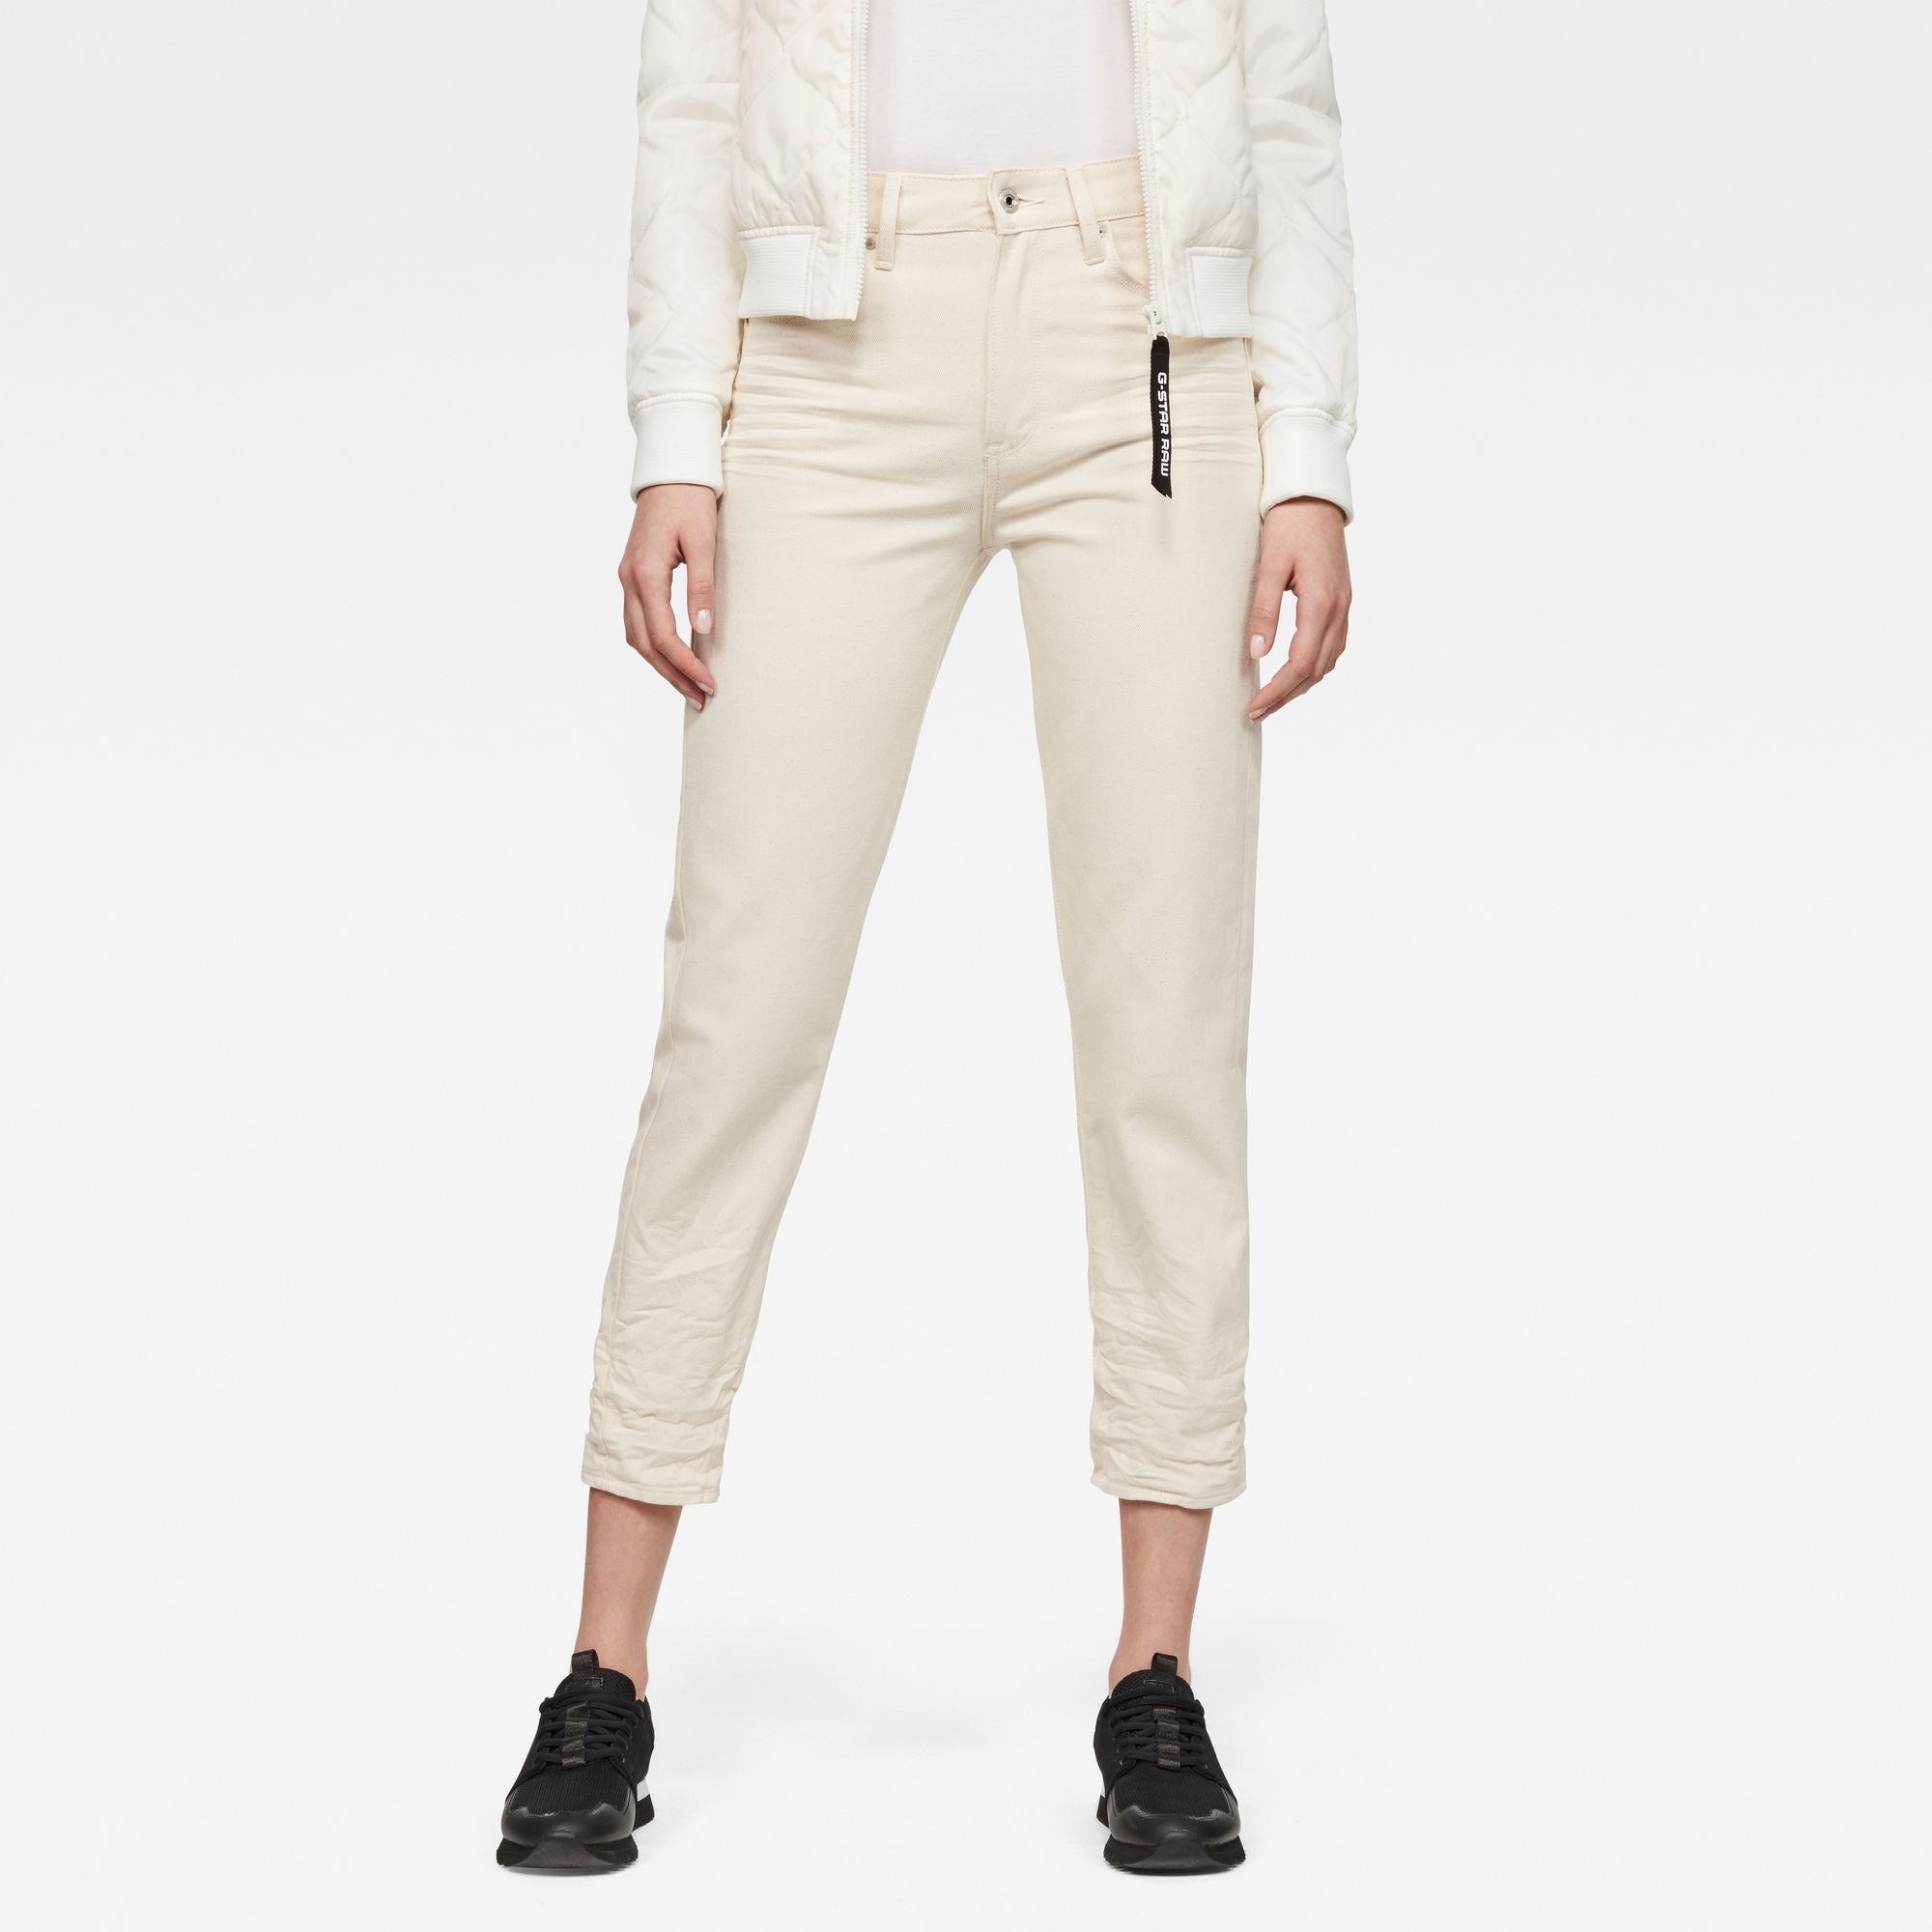 3301 Ultra High waist Straight 7 8-Length Jeans